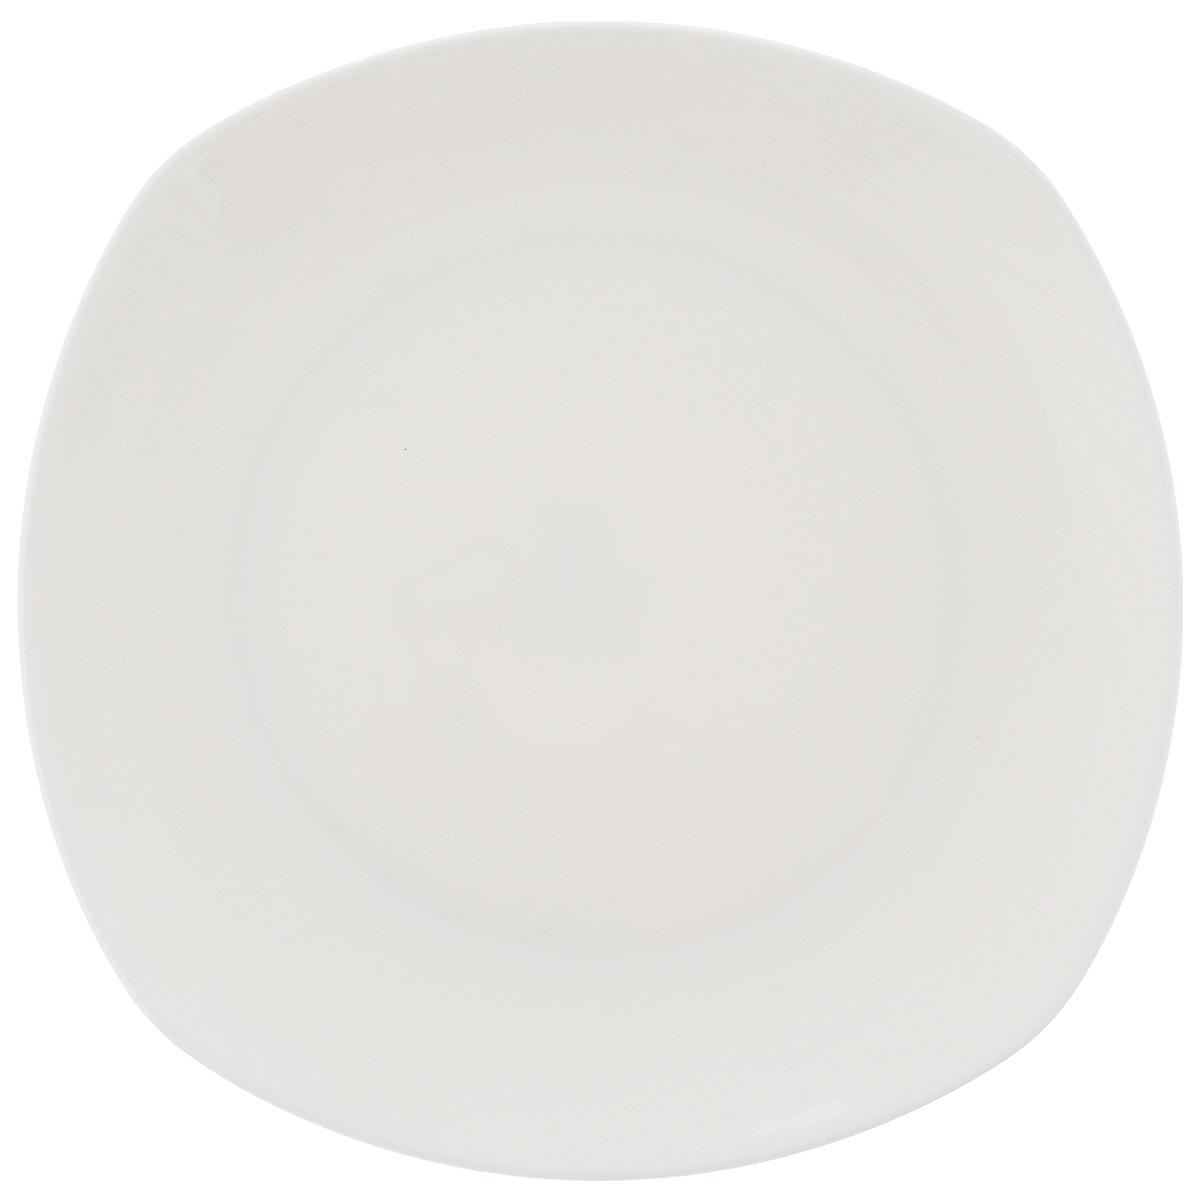 Тарелка Wilmax, 16,5 х 16,5 см115510Тарелка Wilmax, изготовленная из высококачественного фарфора, имеет оригинальную форму. Она прекрасно впишется в интерьер вашей кухни и станет достойным дополнением к кухонному инвентарю. Тарелка Wilmax подчеркнет прекрасный вкус хозяйки и станет отличным подарком.Можно мыть в посудомоечной машине и использовать в микроволновой печи. Размер тарелки (по верхнему краю): 16,5 х 16,5 см.